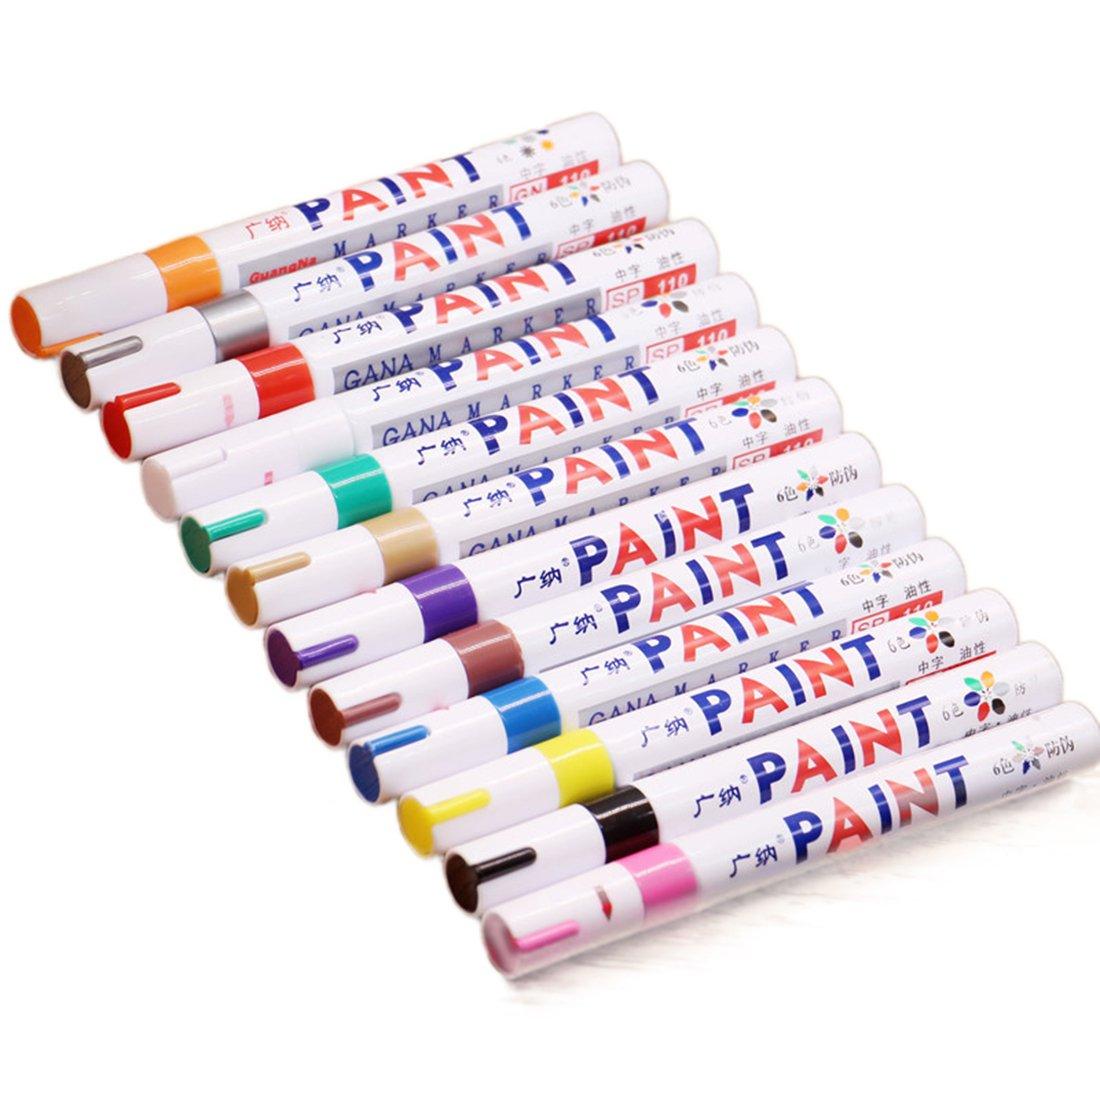 12-colors pennarello set multiuso impermeabile per pneumatici in metallo e vetro tessuto pittura penna Doodle design animazione disegno arte penna con custodia da trasporto Dooppa D072